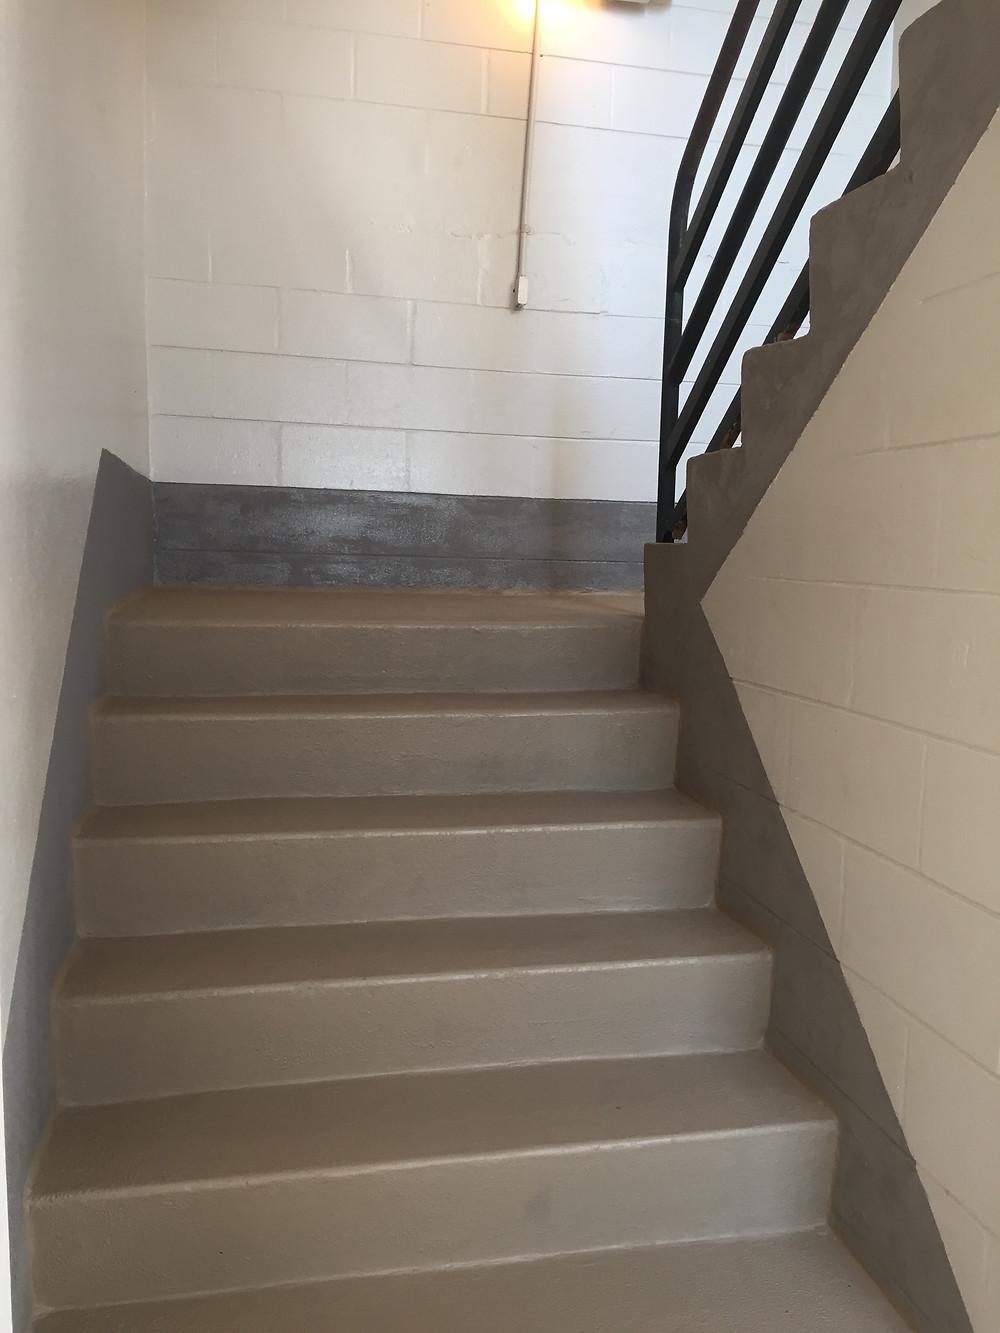 Freshly painted stairwells